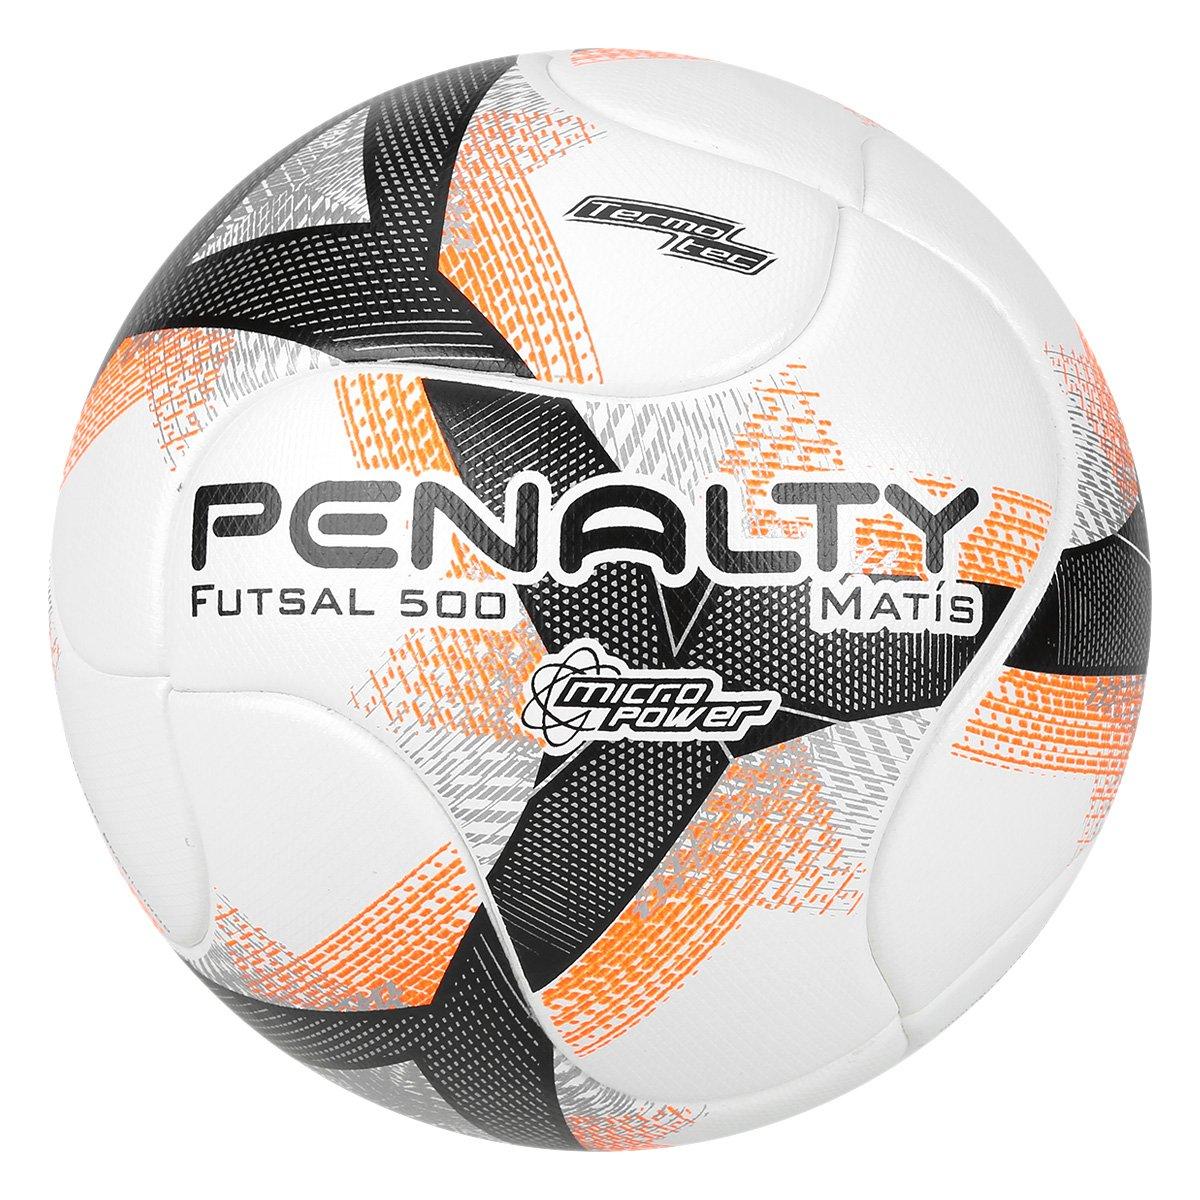 Bola Futsal Penalty Matis 500 Termotec VIII 48d189c4fbd86